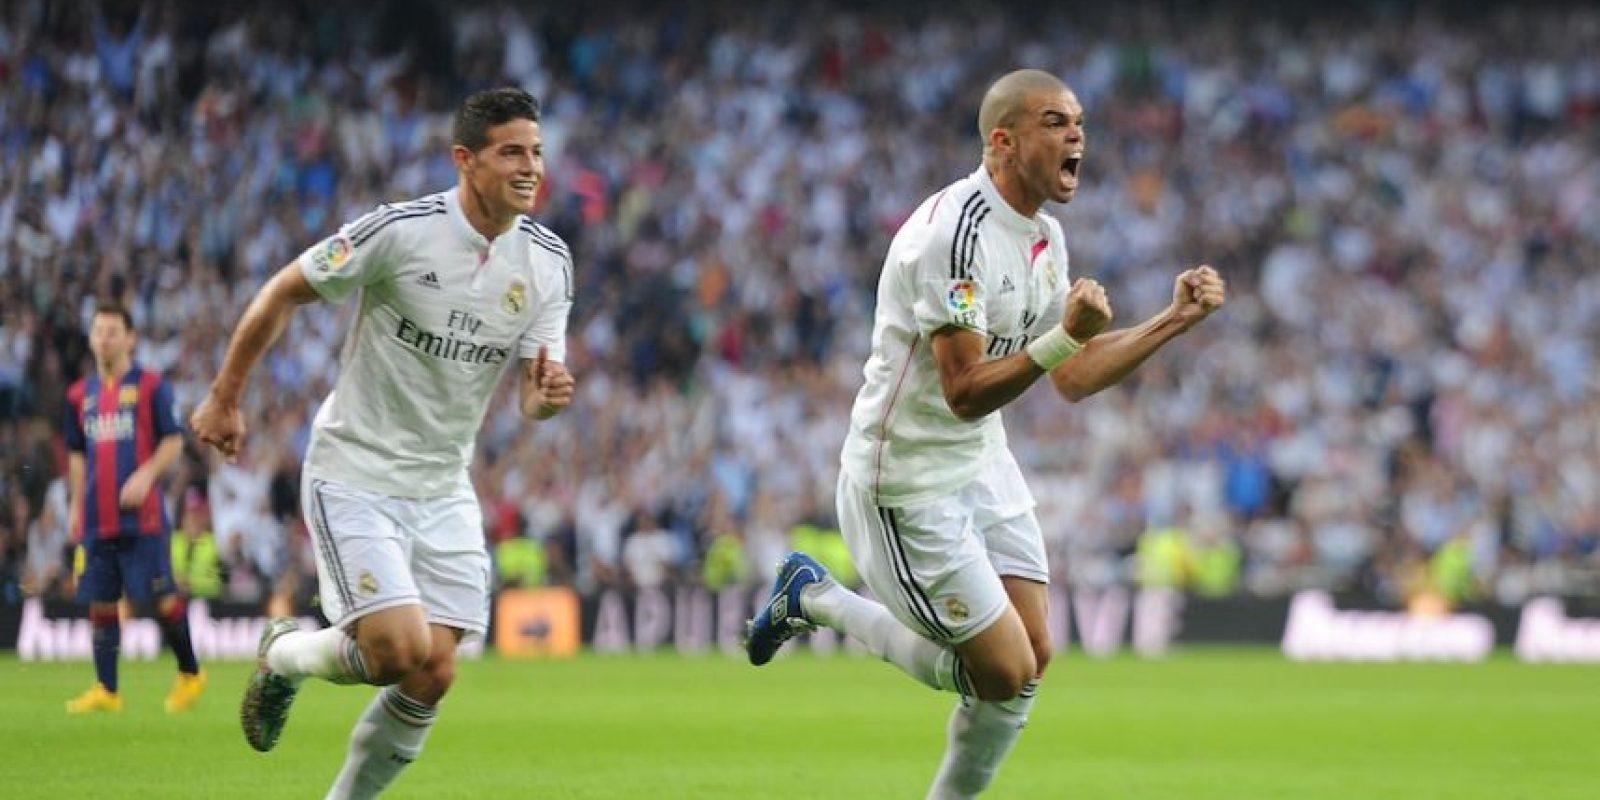 James celebra el gol de Pepe ante el Barcelona. Foto:Getty Images